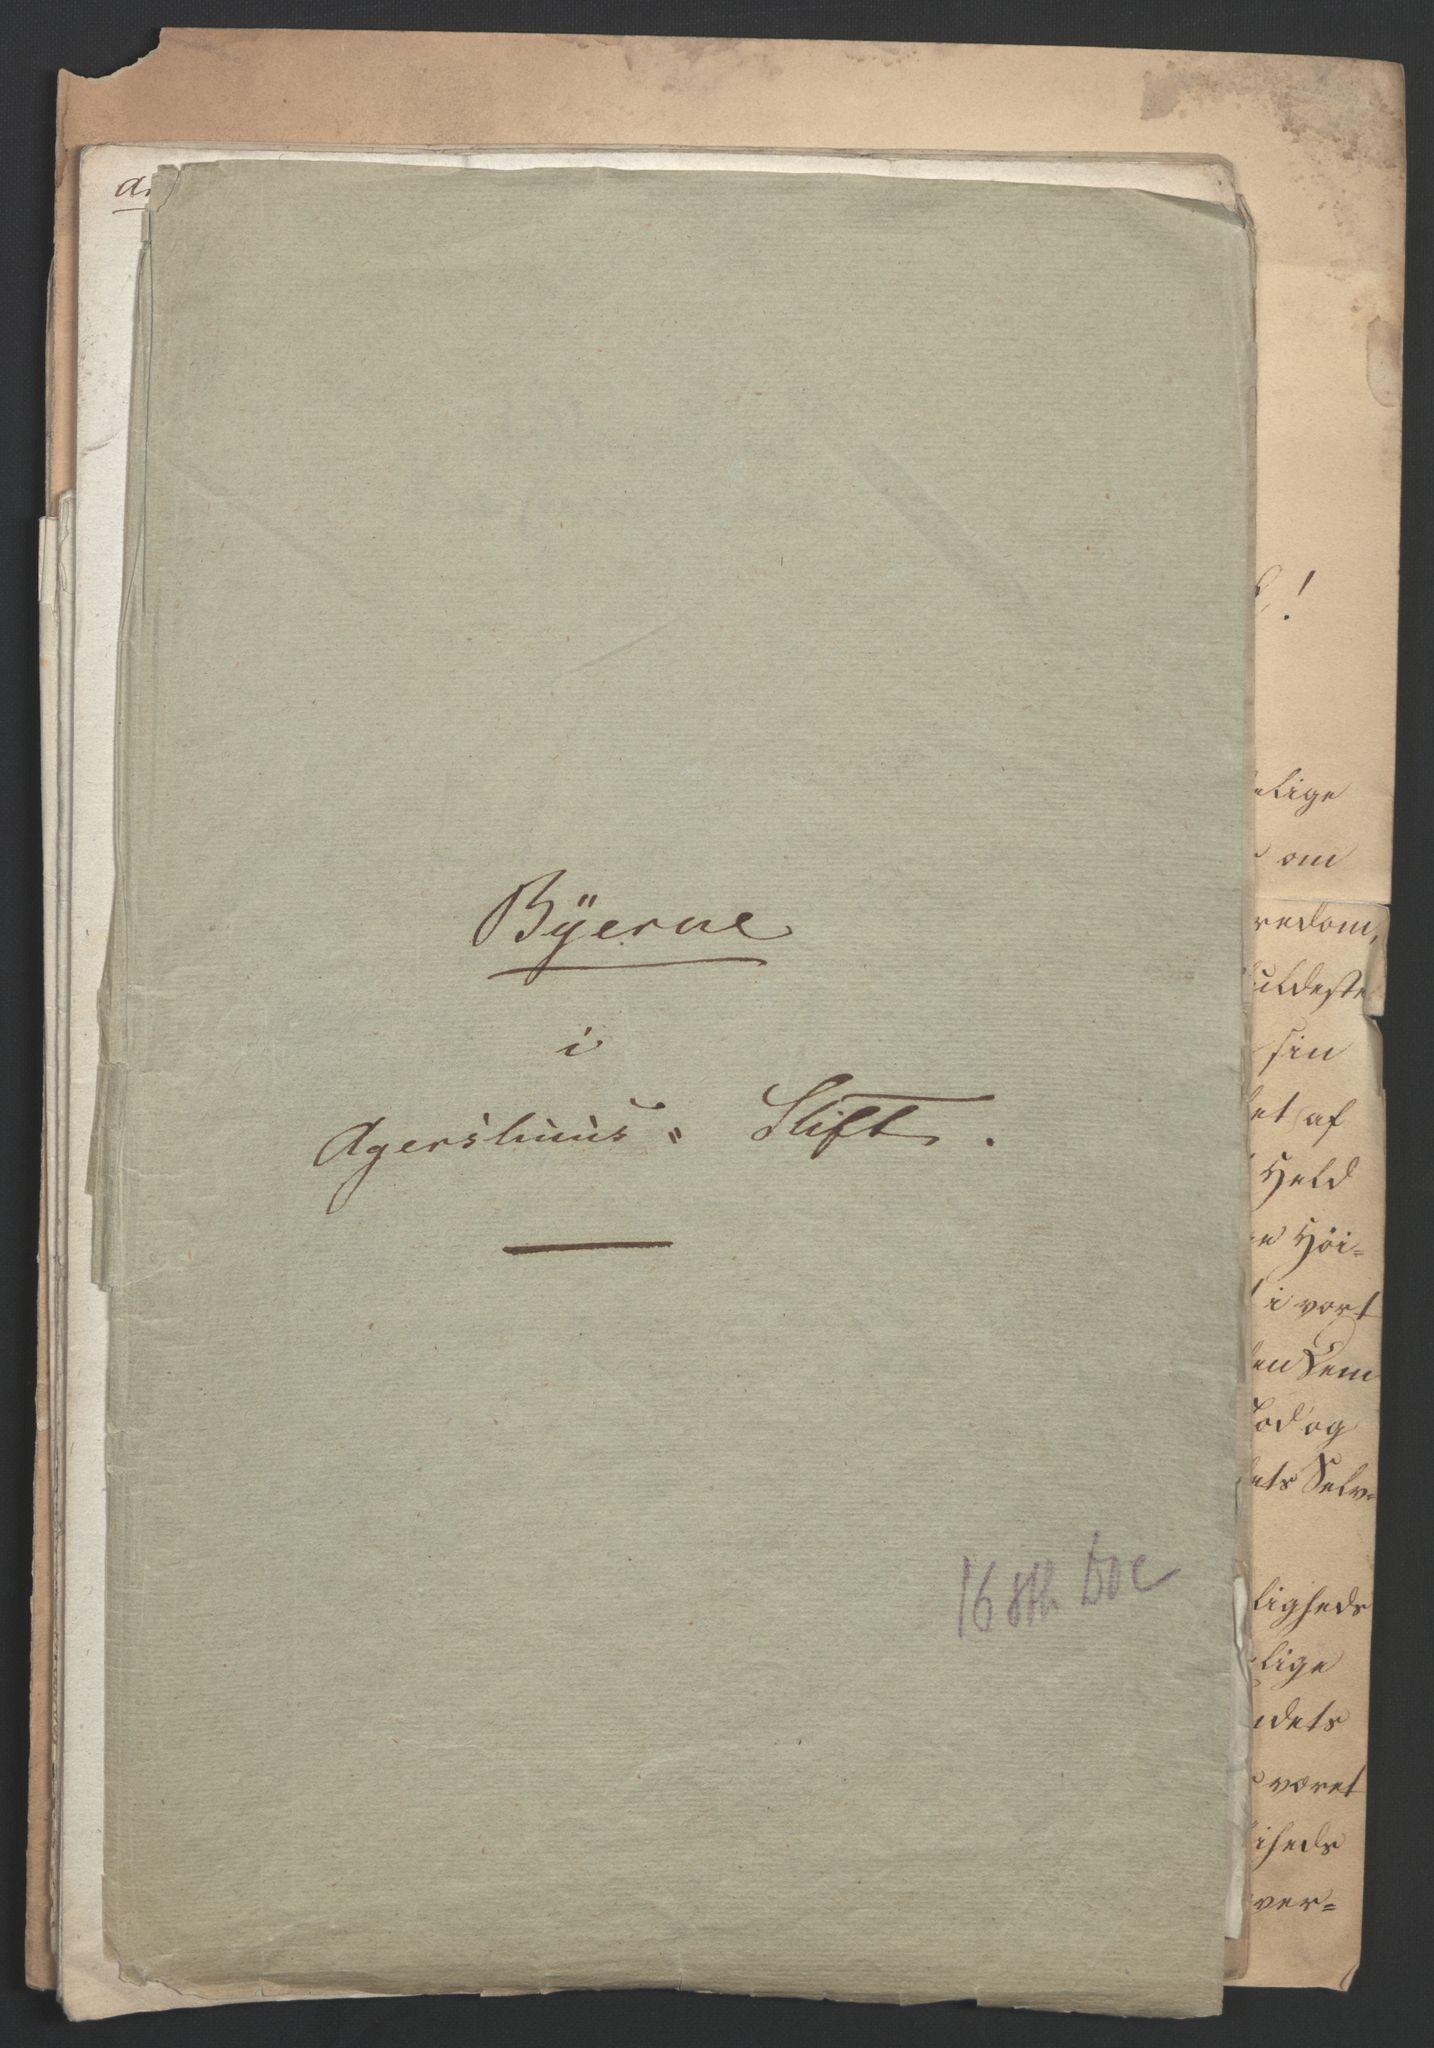 RA, Statsrådssekretariatet, D/Db/L0007: Fullmakter for Eidsvollsrepresentantene i 1814. , 1814, s. 2